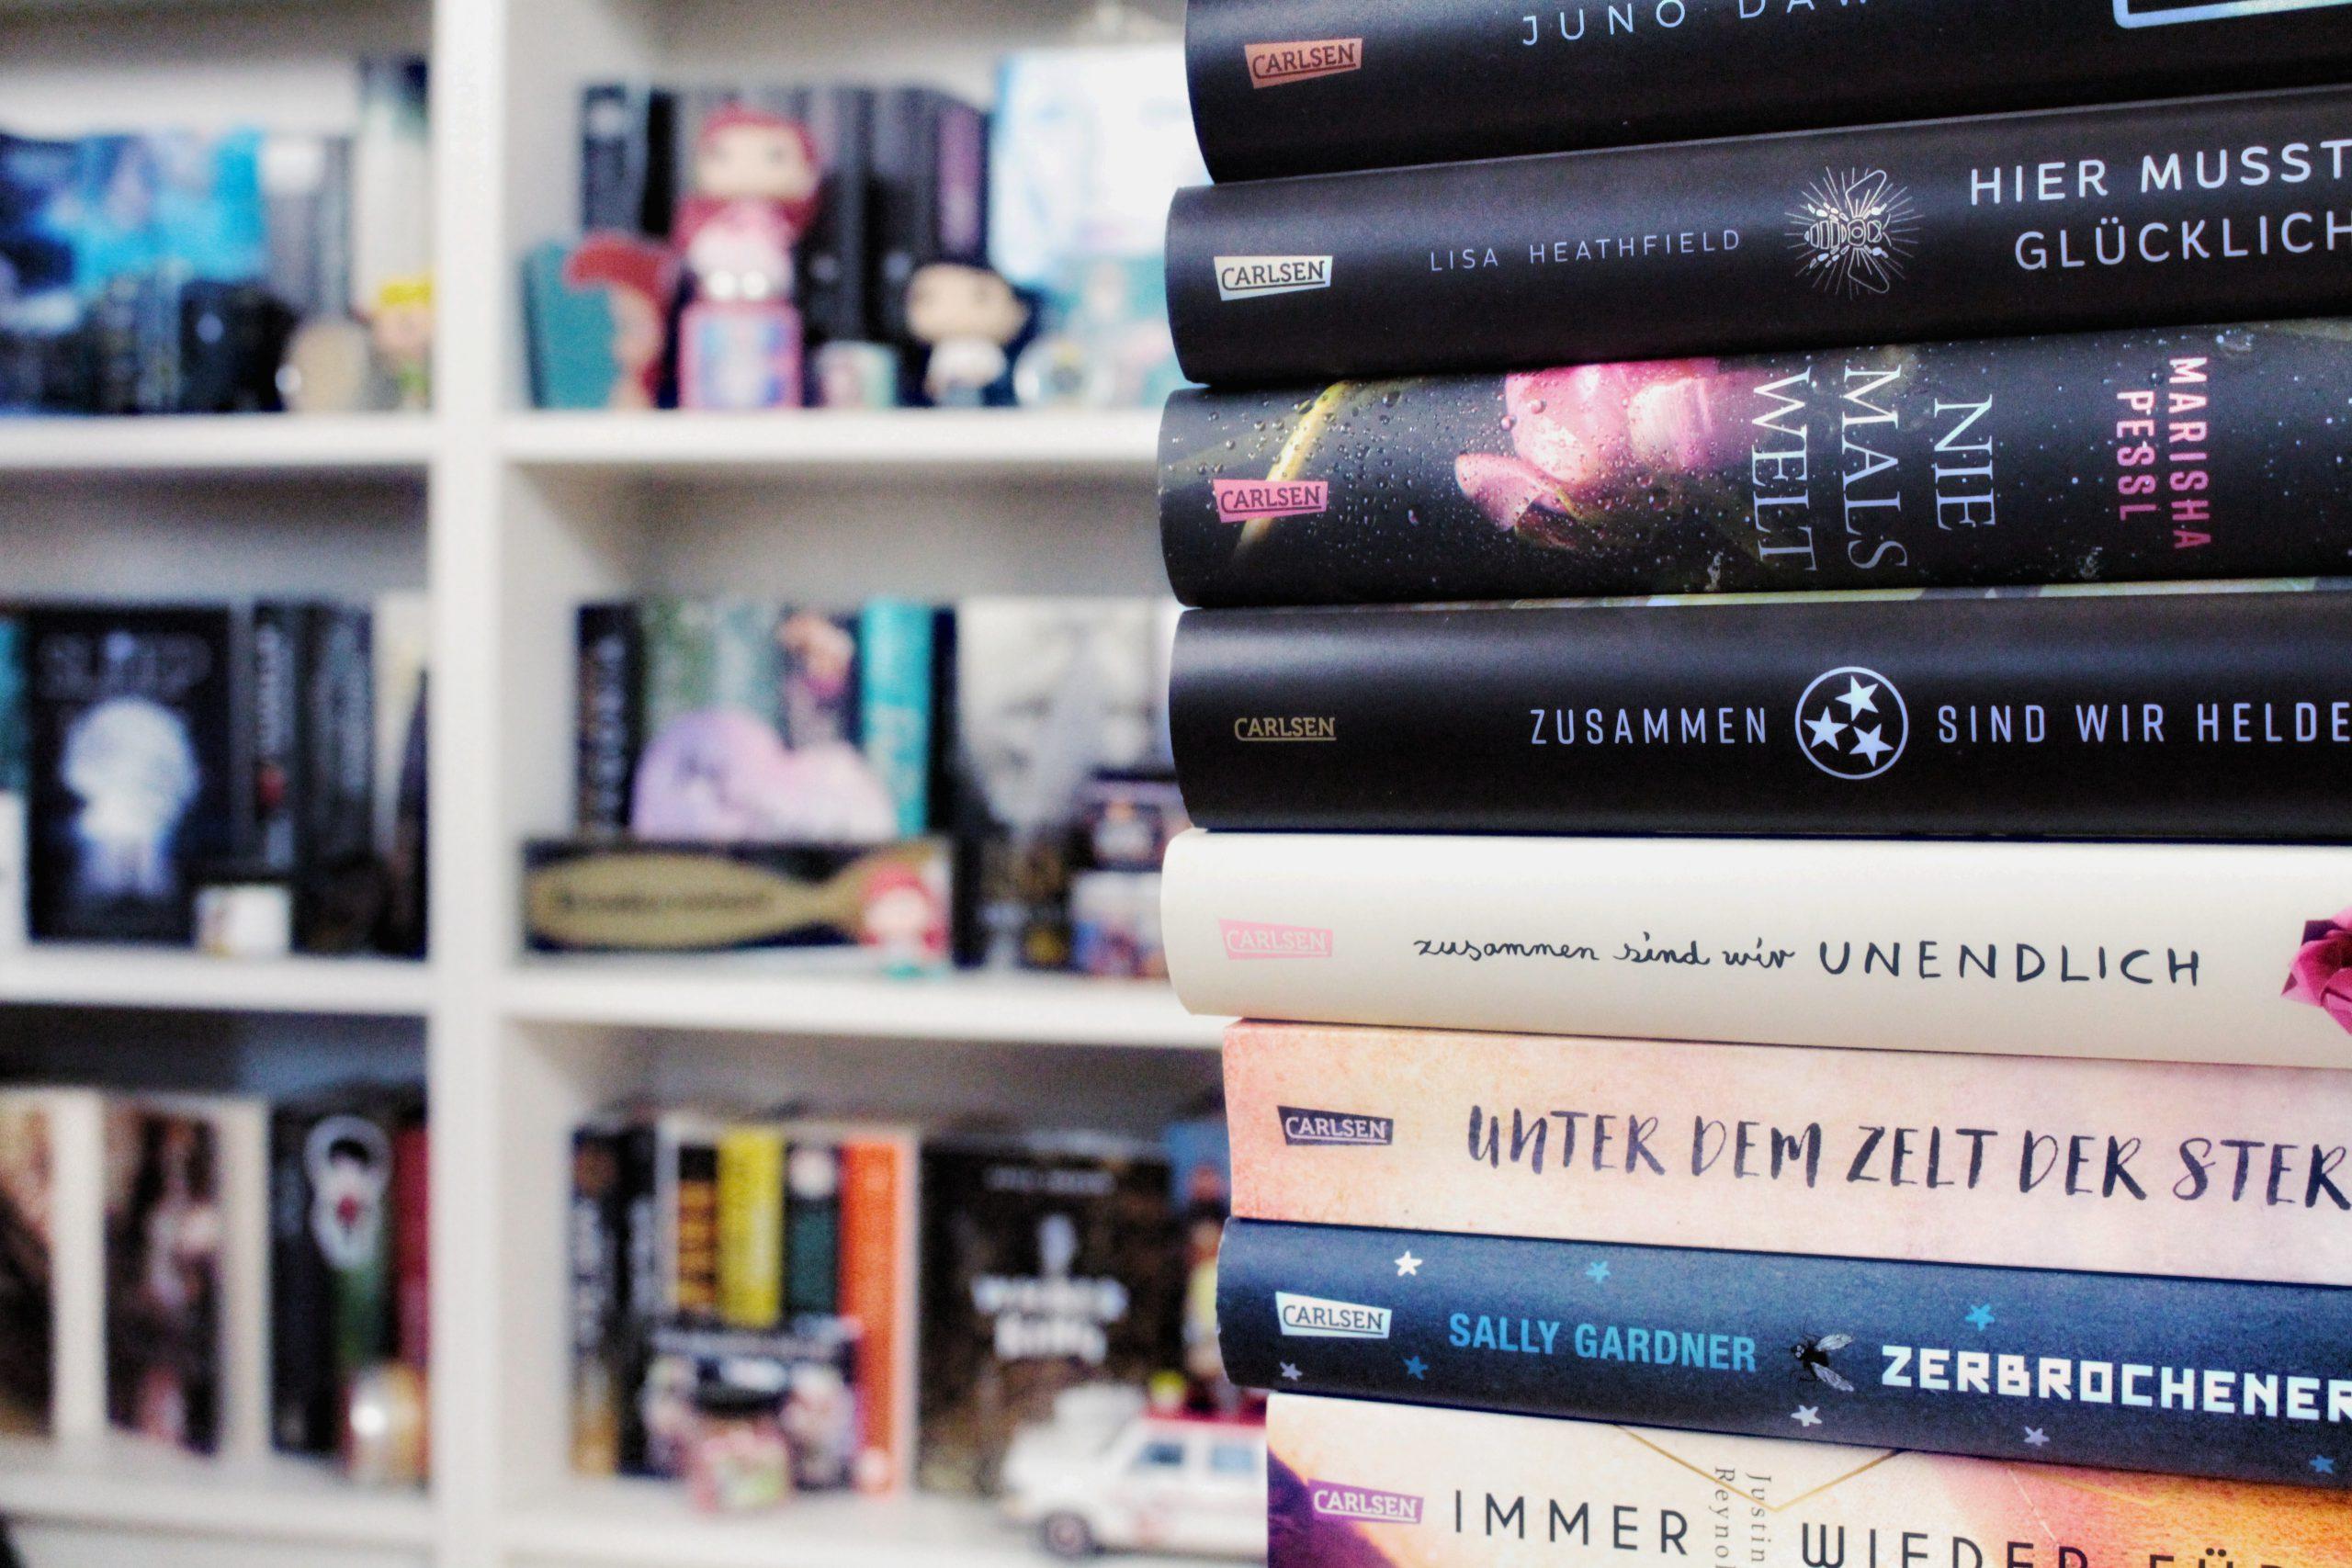 Meine Highlights | Verlagsprogramm Carlsen